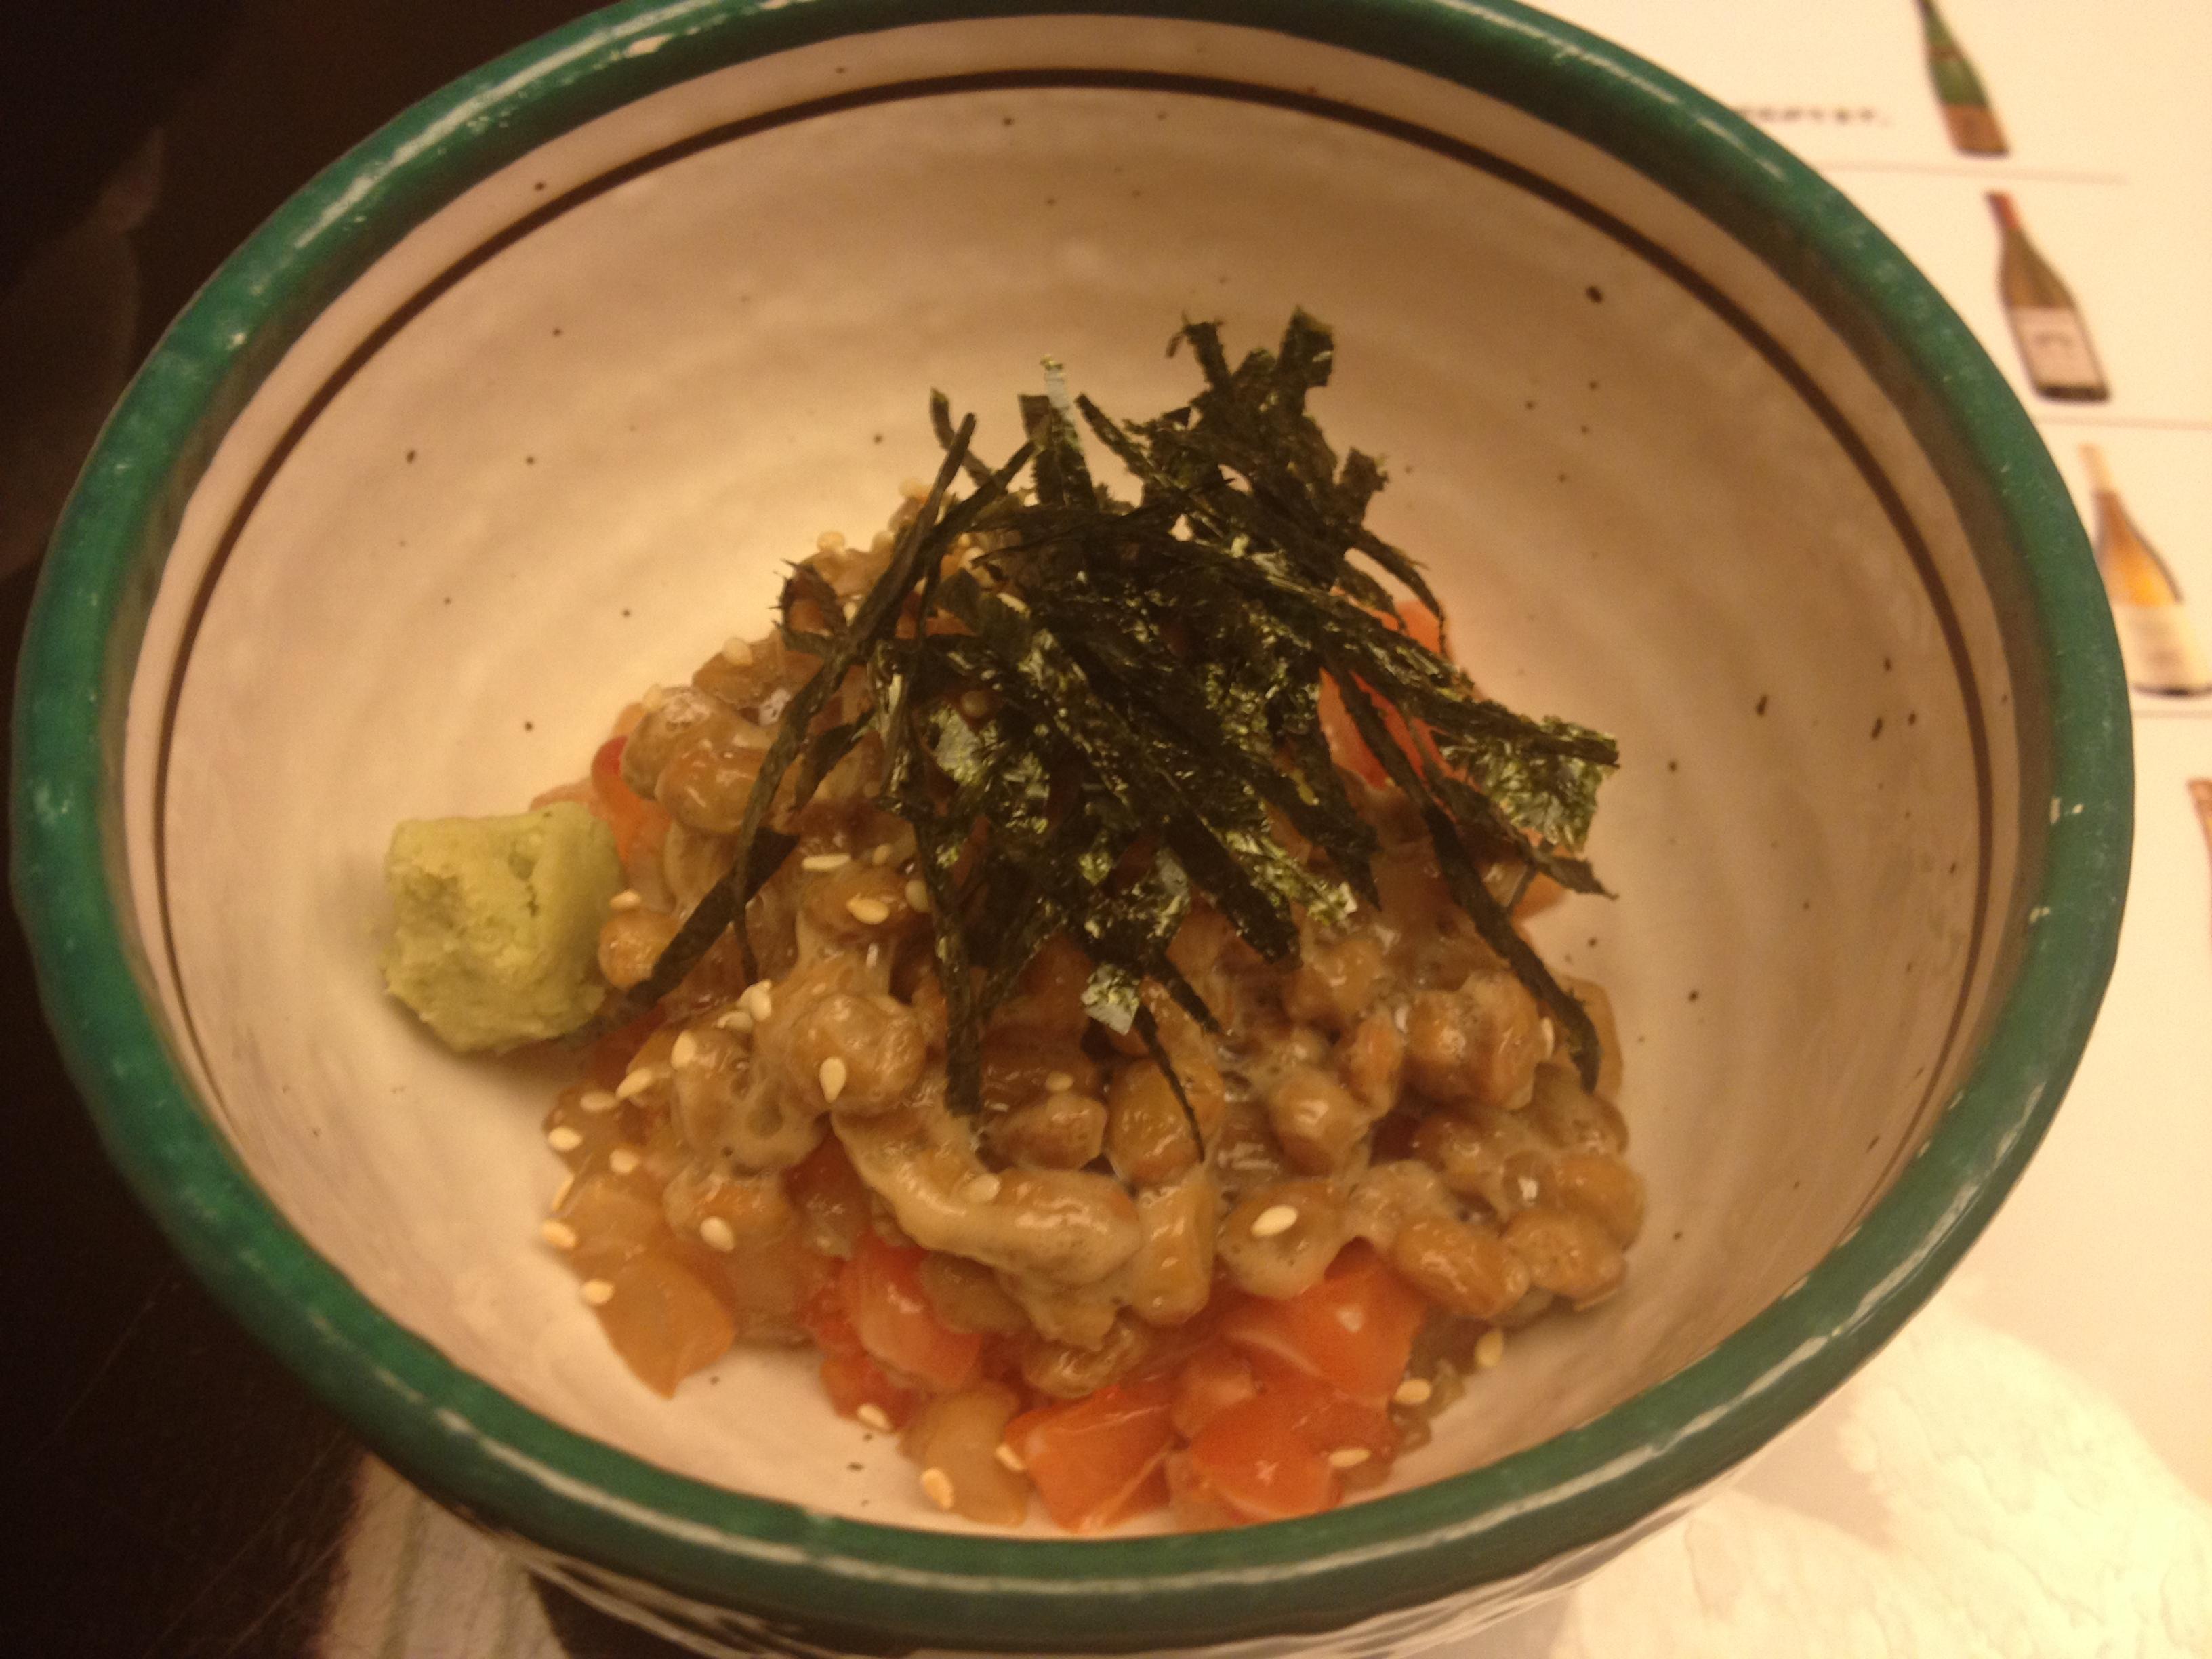 Salmon with smoked tofu sauce